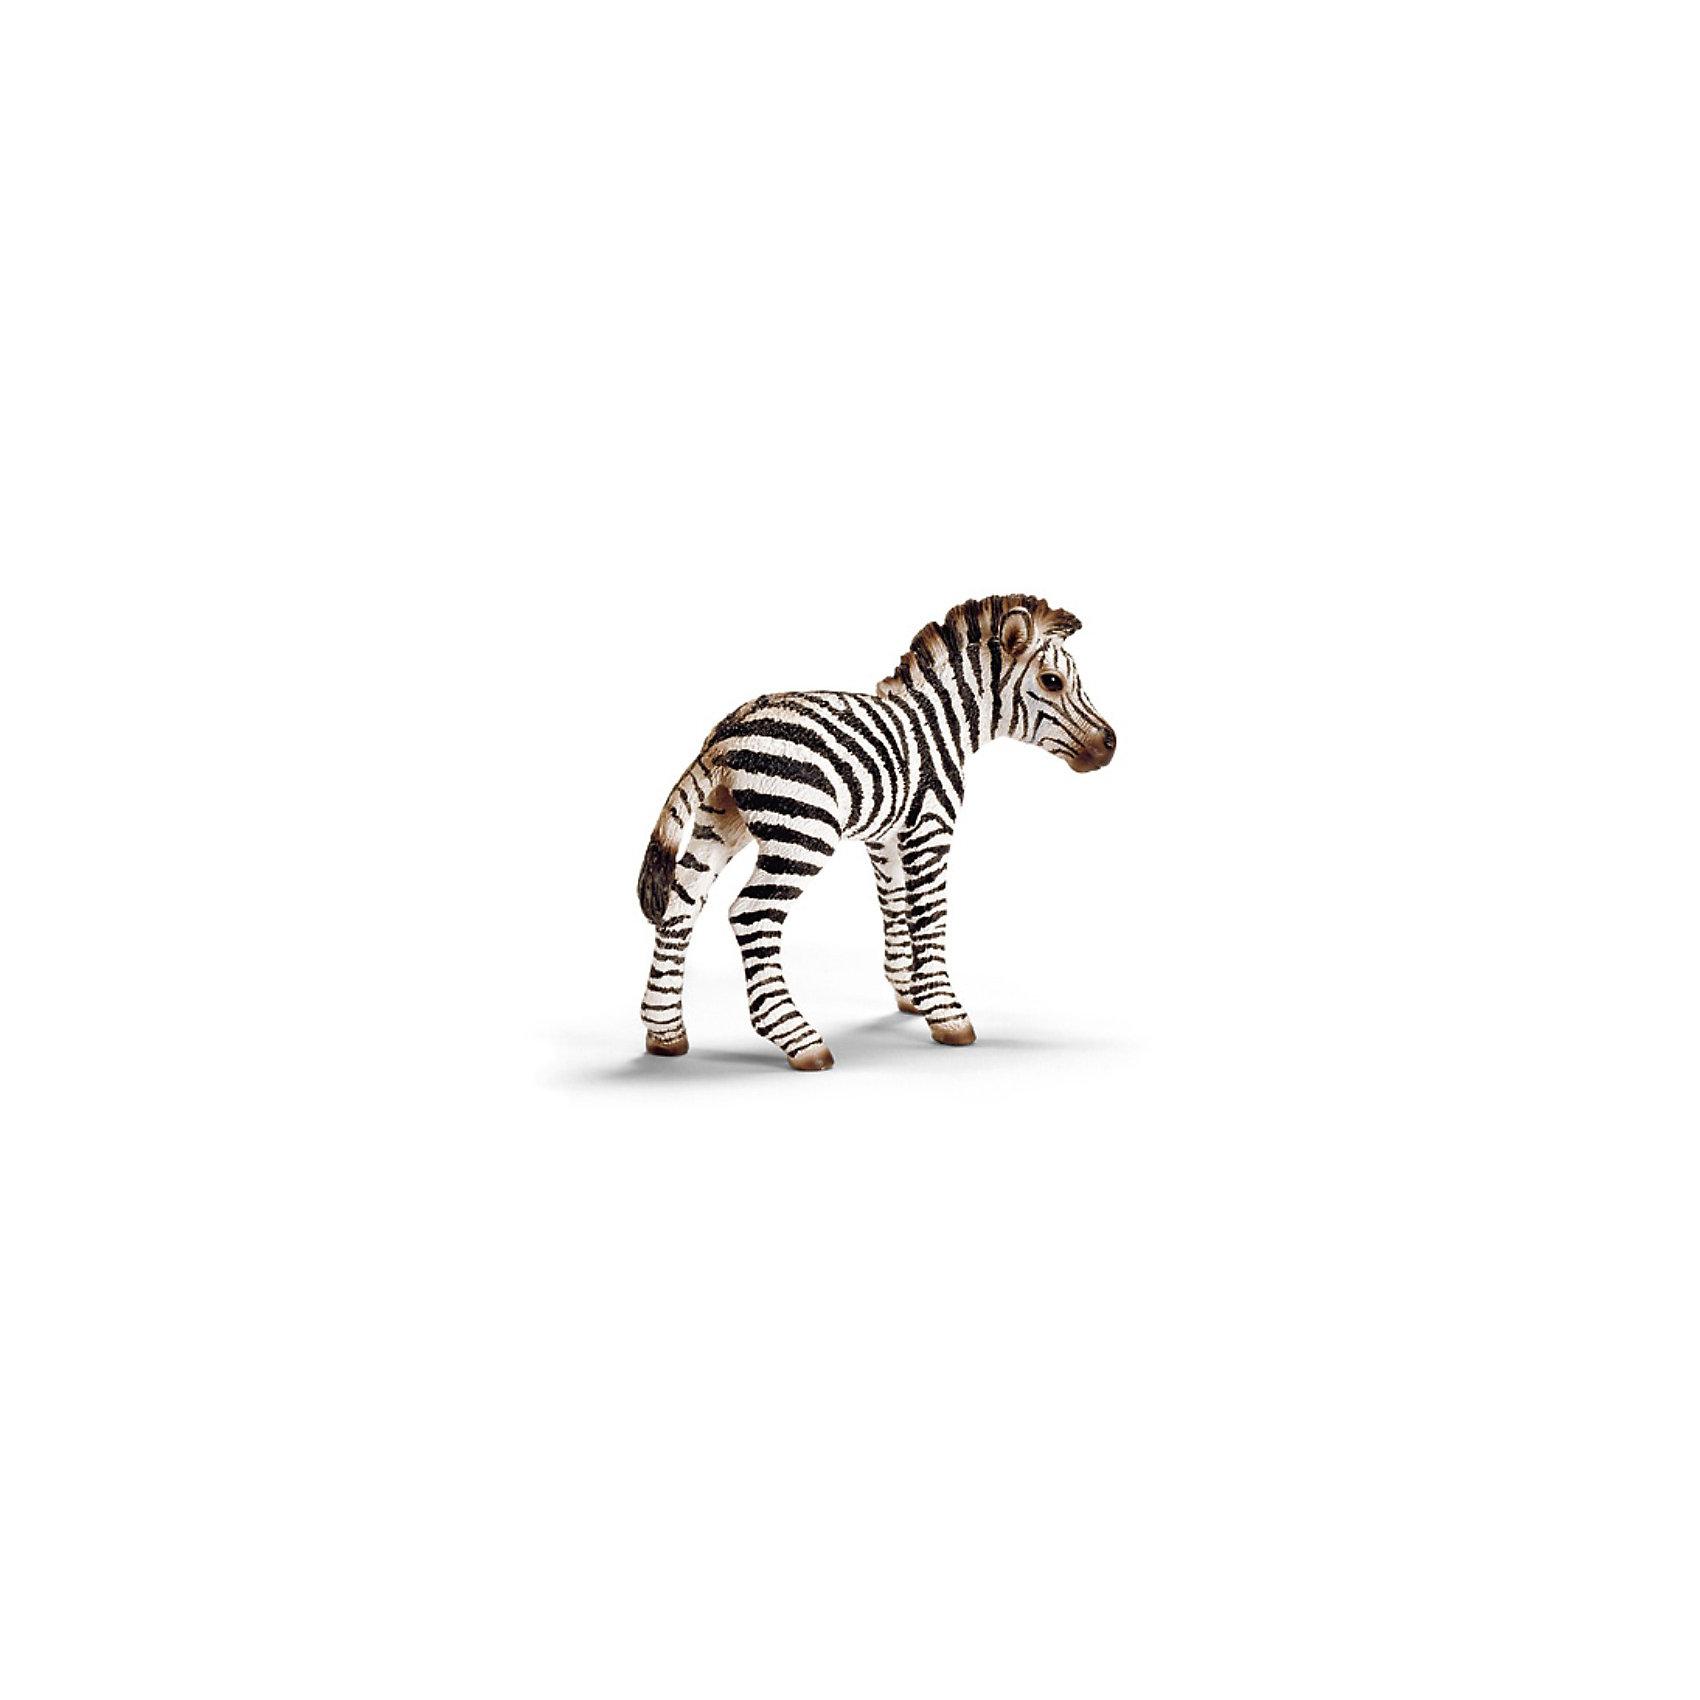 Schleich Детеныш зебры. Серия Дикие животныеМир животных<br>Schleich (Шляйх), детеныш зебры. Серия Дикие животные. <br><br>Характеристика:<br><br>• Материал: резина, пластик.  <br>• Размер фигурки: 7,1х2,9х6,2 см. <br>• Фигурка прекрасно детализирована.<br>• Реалистично раскрашена вручную. <br><br>Очаровательный детеныш зебры очень похож на настоящую живую лошадь, отлично детализирован и реалистично раскрашен. Игрушки серии Дикие животные от немецкого бренда Schleich изготовлены из высококачественных экологичных материалов, с применением только безопасных, нетоксичных красителей. Собери всю коллекцию Schleich и познакомься поближе с такими удивительными дикими и домашними животными! <br><br>Schleich (Шляйх), детеныша зебры, серия Дикие животные, можно купить в нашем интернет-магазине.<br><br>Ширина мм: 102<br>Глубина мм: 86<br>Высота мм: 22<br>Вес г: 26<br>Возраст от месяцев: 36<br>Возраст до месяцев: 96<br>Пол: Унисекс<br>Возраст: Детский<br>SKU: 1821339